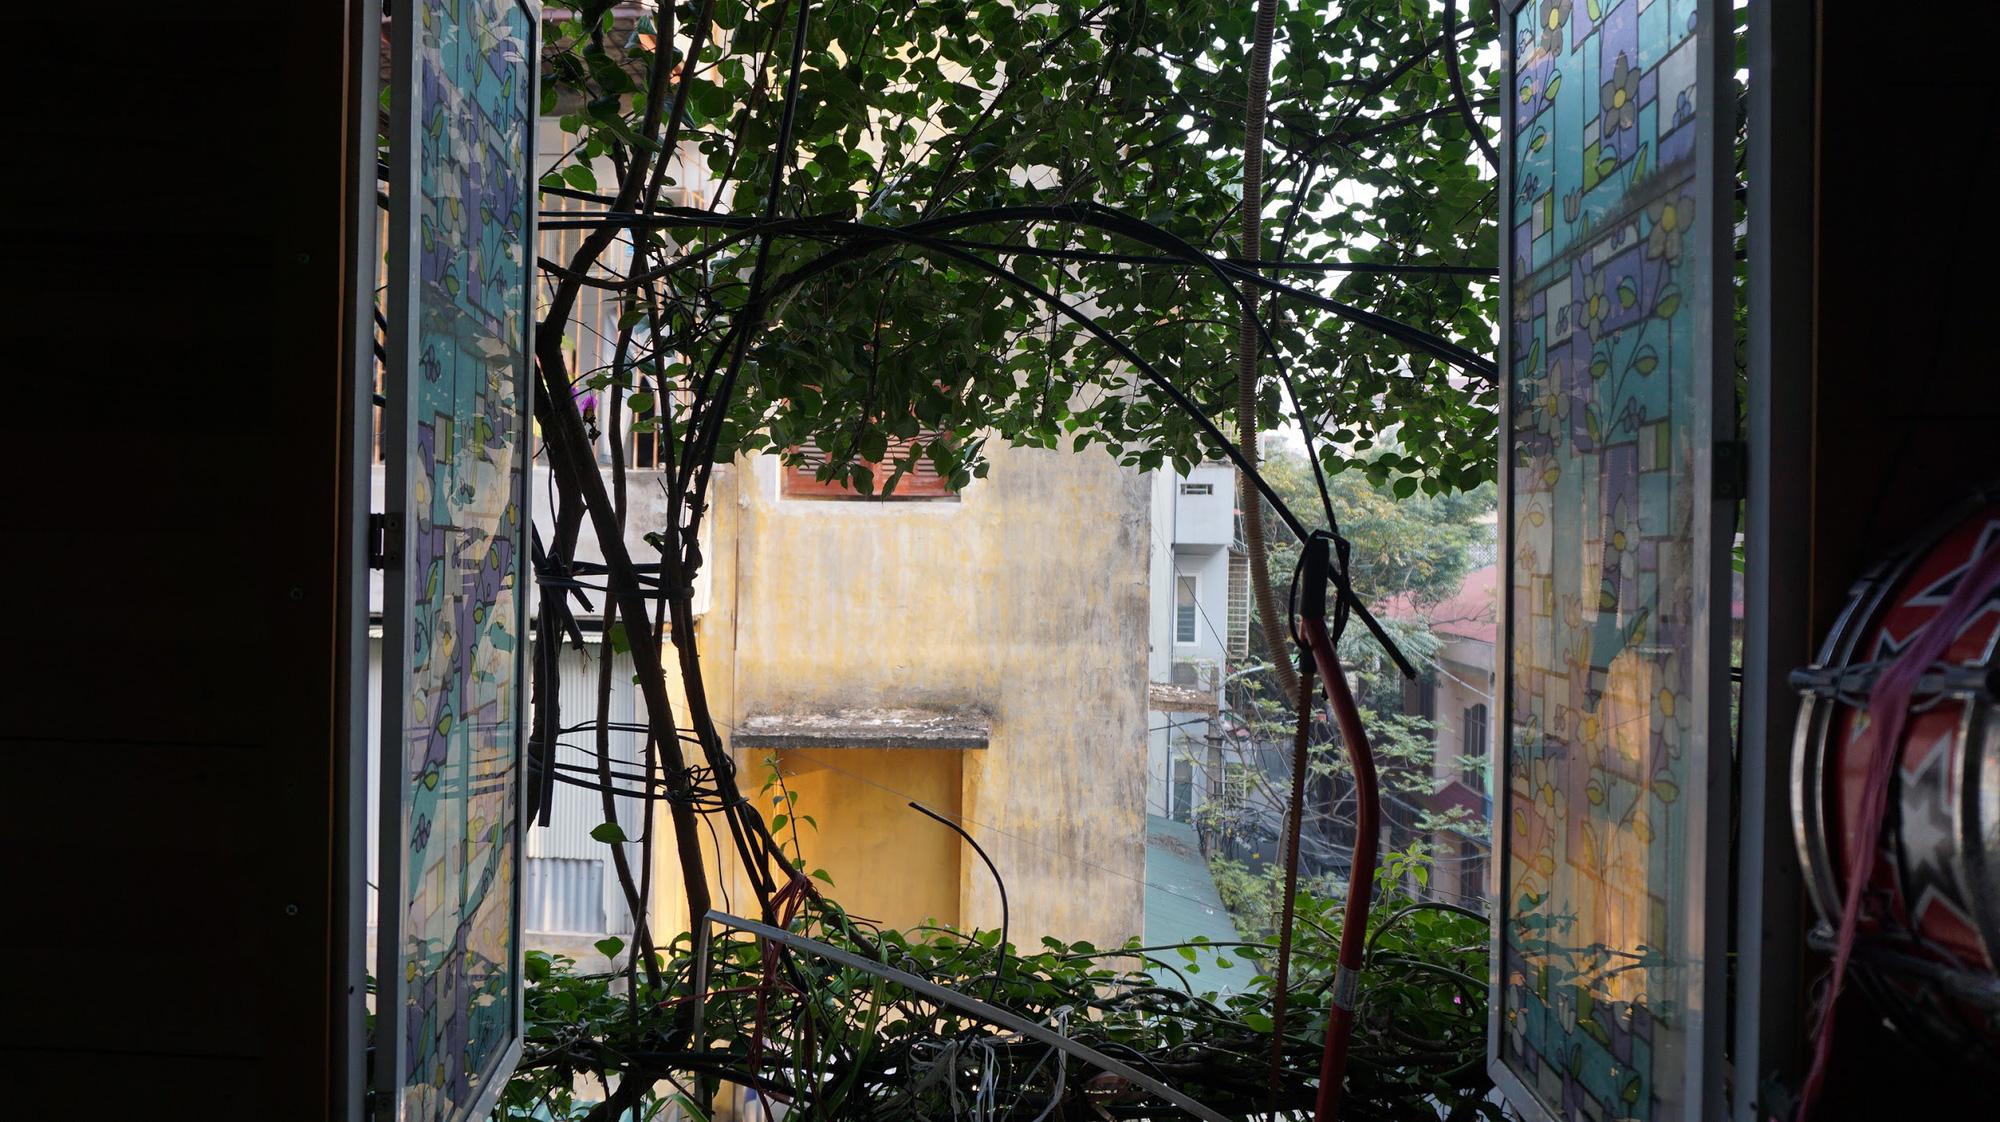 Nhà cây 5 tầng phủ kín hoa giấy ở Hà Nội, ai đi qua cũng dừng lại ngắm - Ảnh 13.